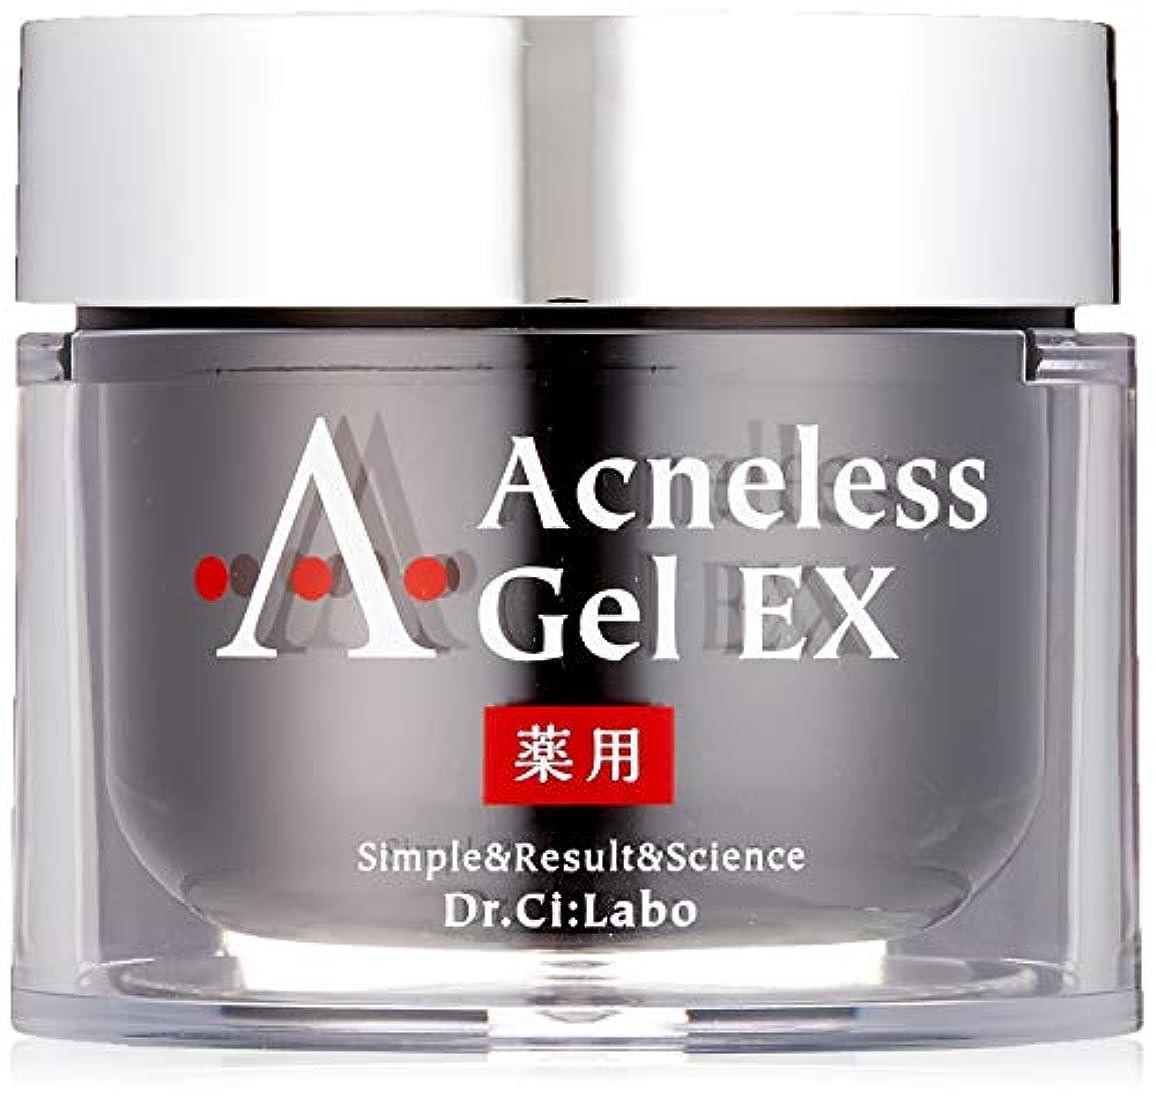 間違い簡略化する確認する薬用アクネレスゲルEX80g